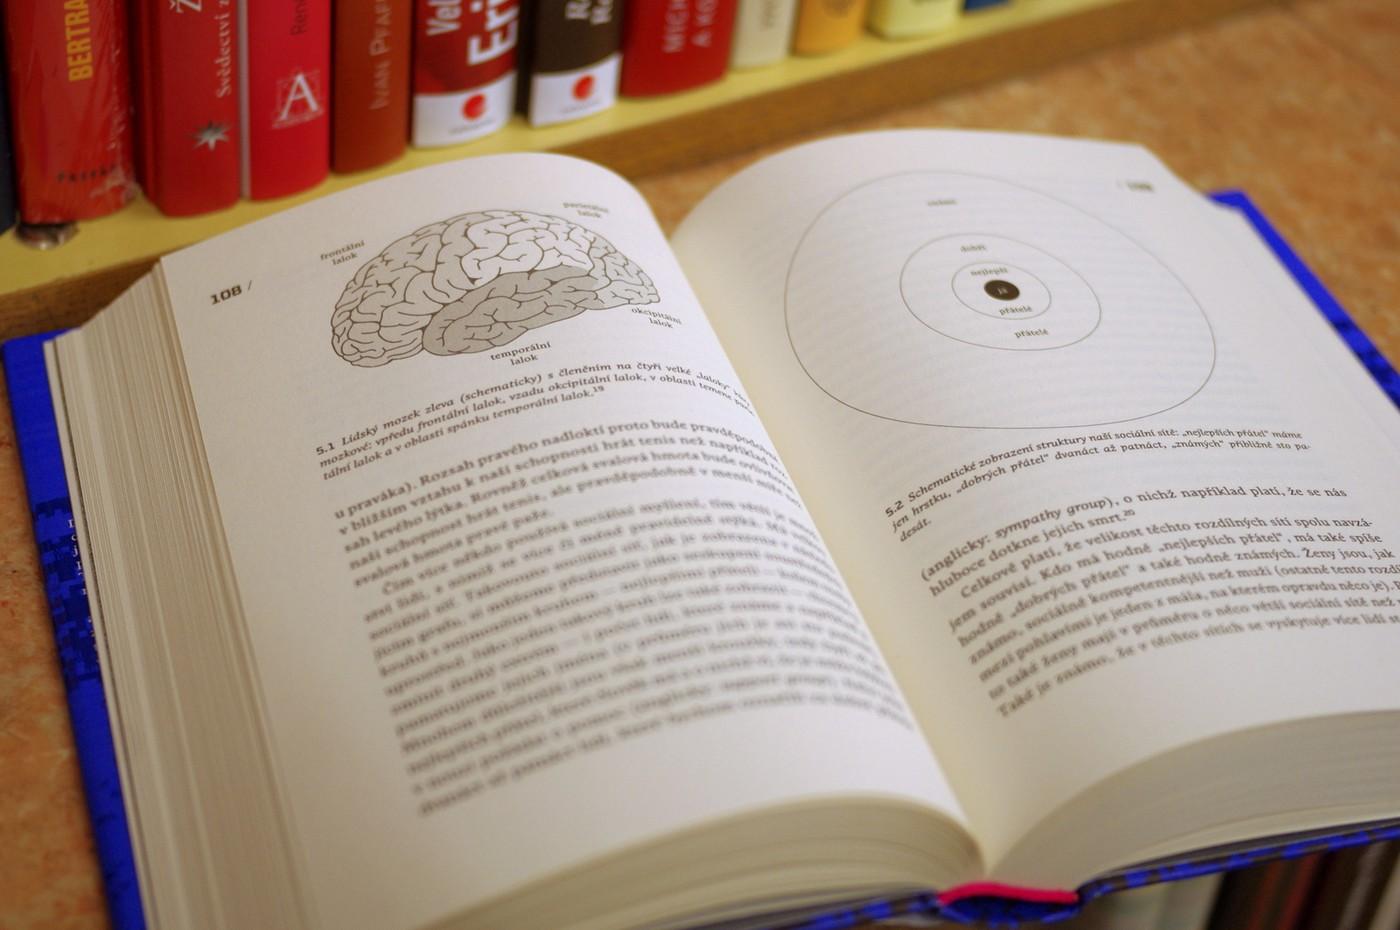 Kniha je bohatě ilustrována grafy a popisnými obrázky